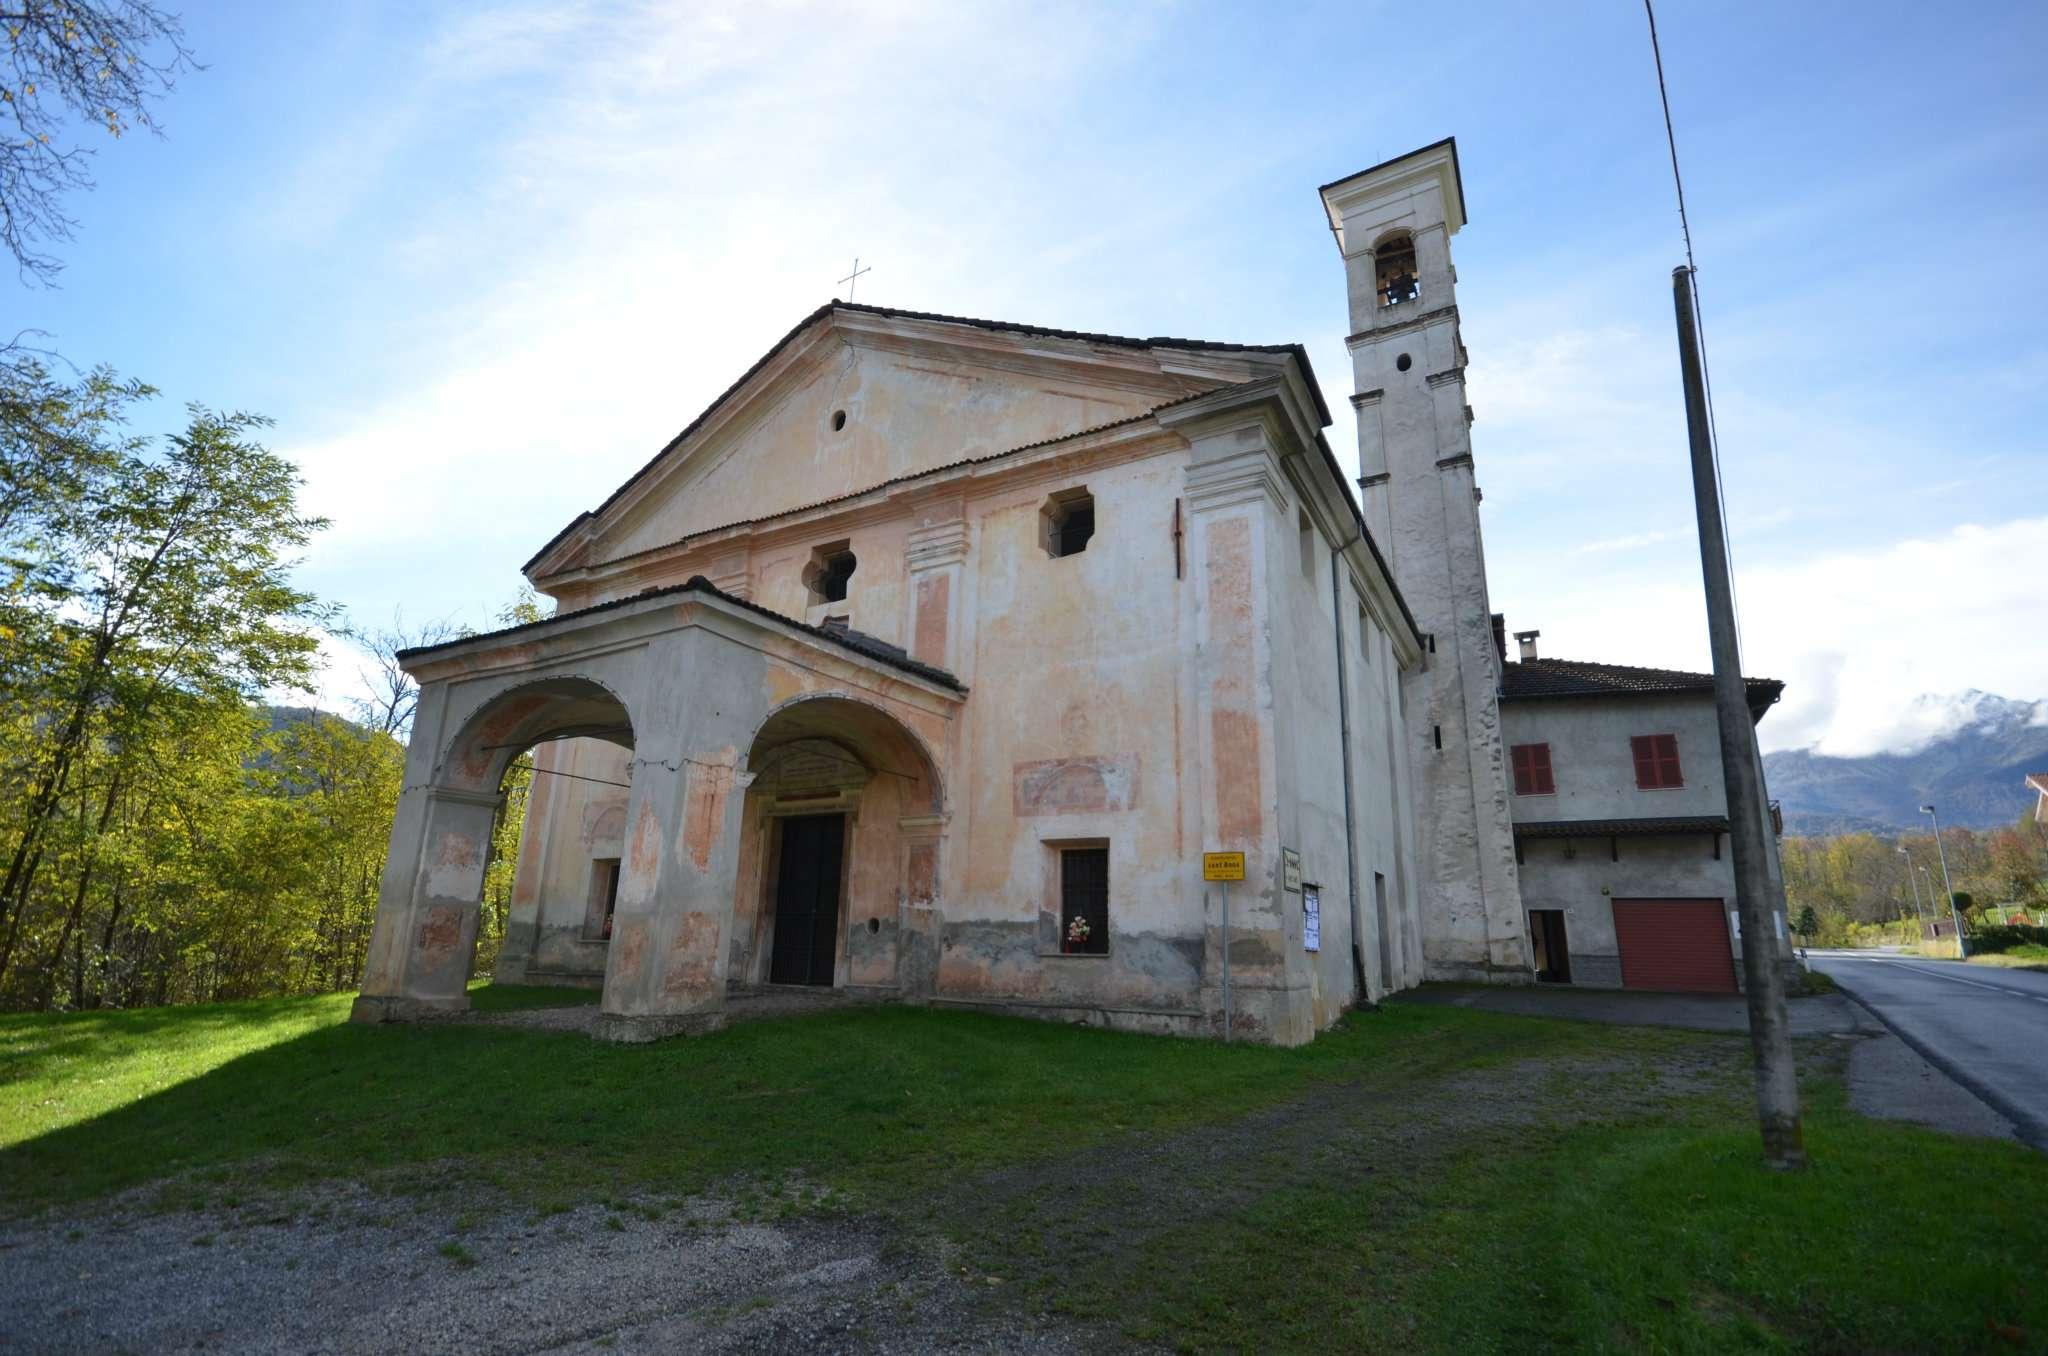 Palazzo / Stabile in vendita a Chiusa di Pesio, 10 locali, prezzo € 120.000 | CambioCasa.it